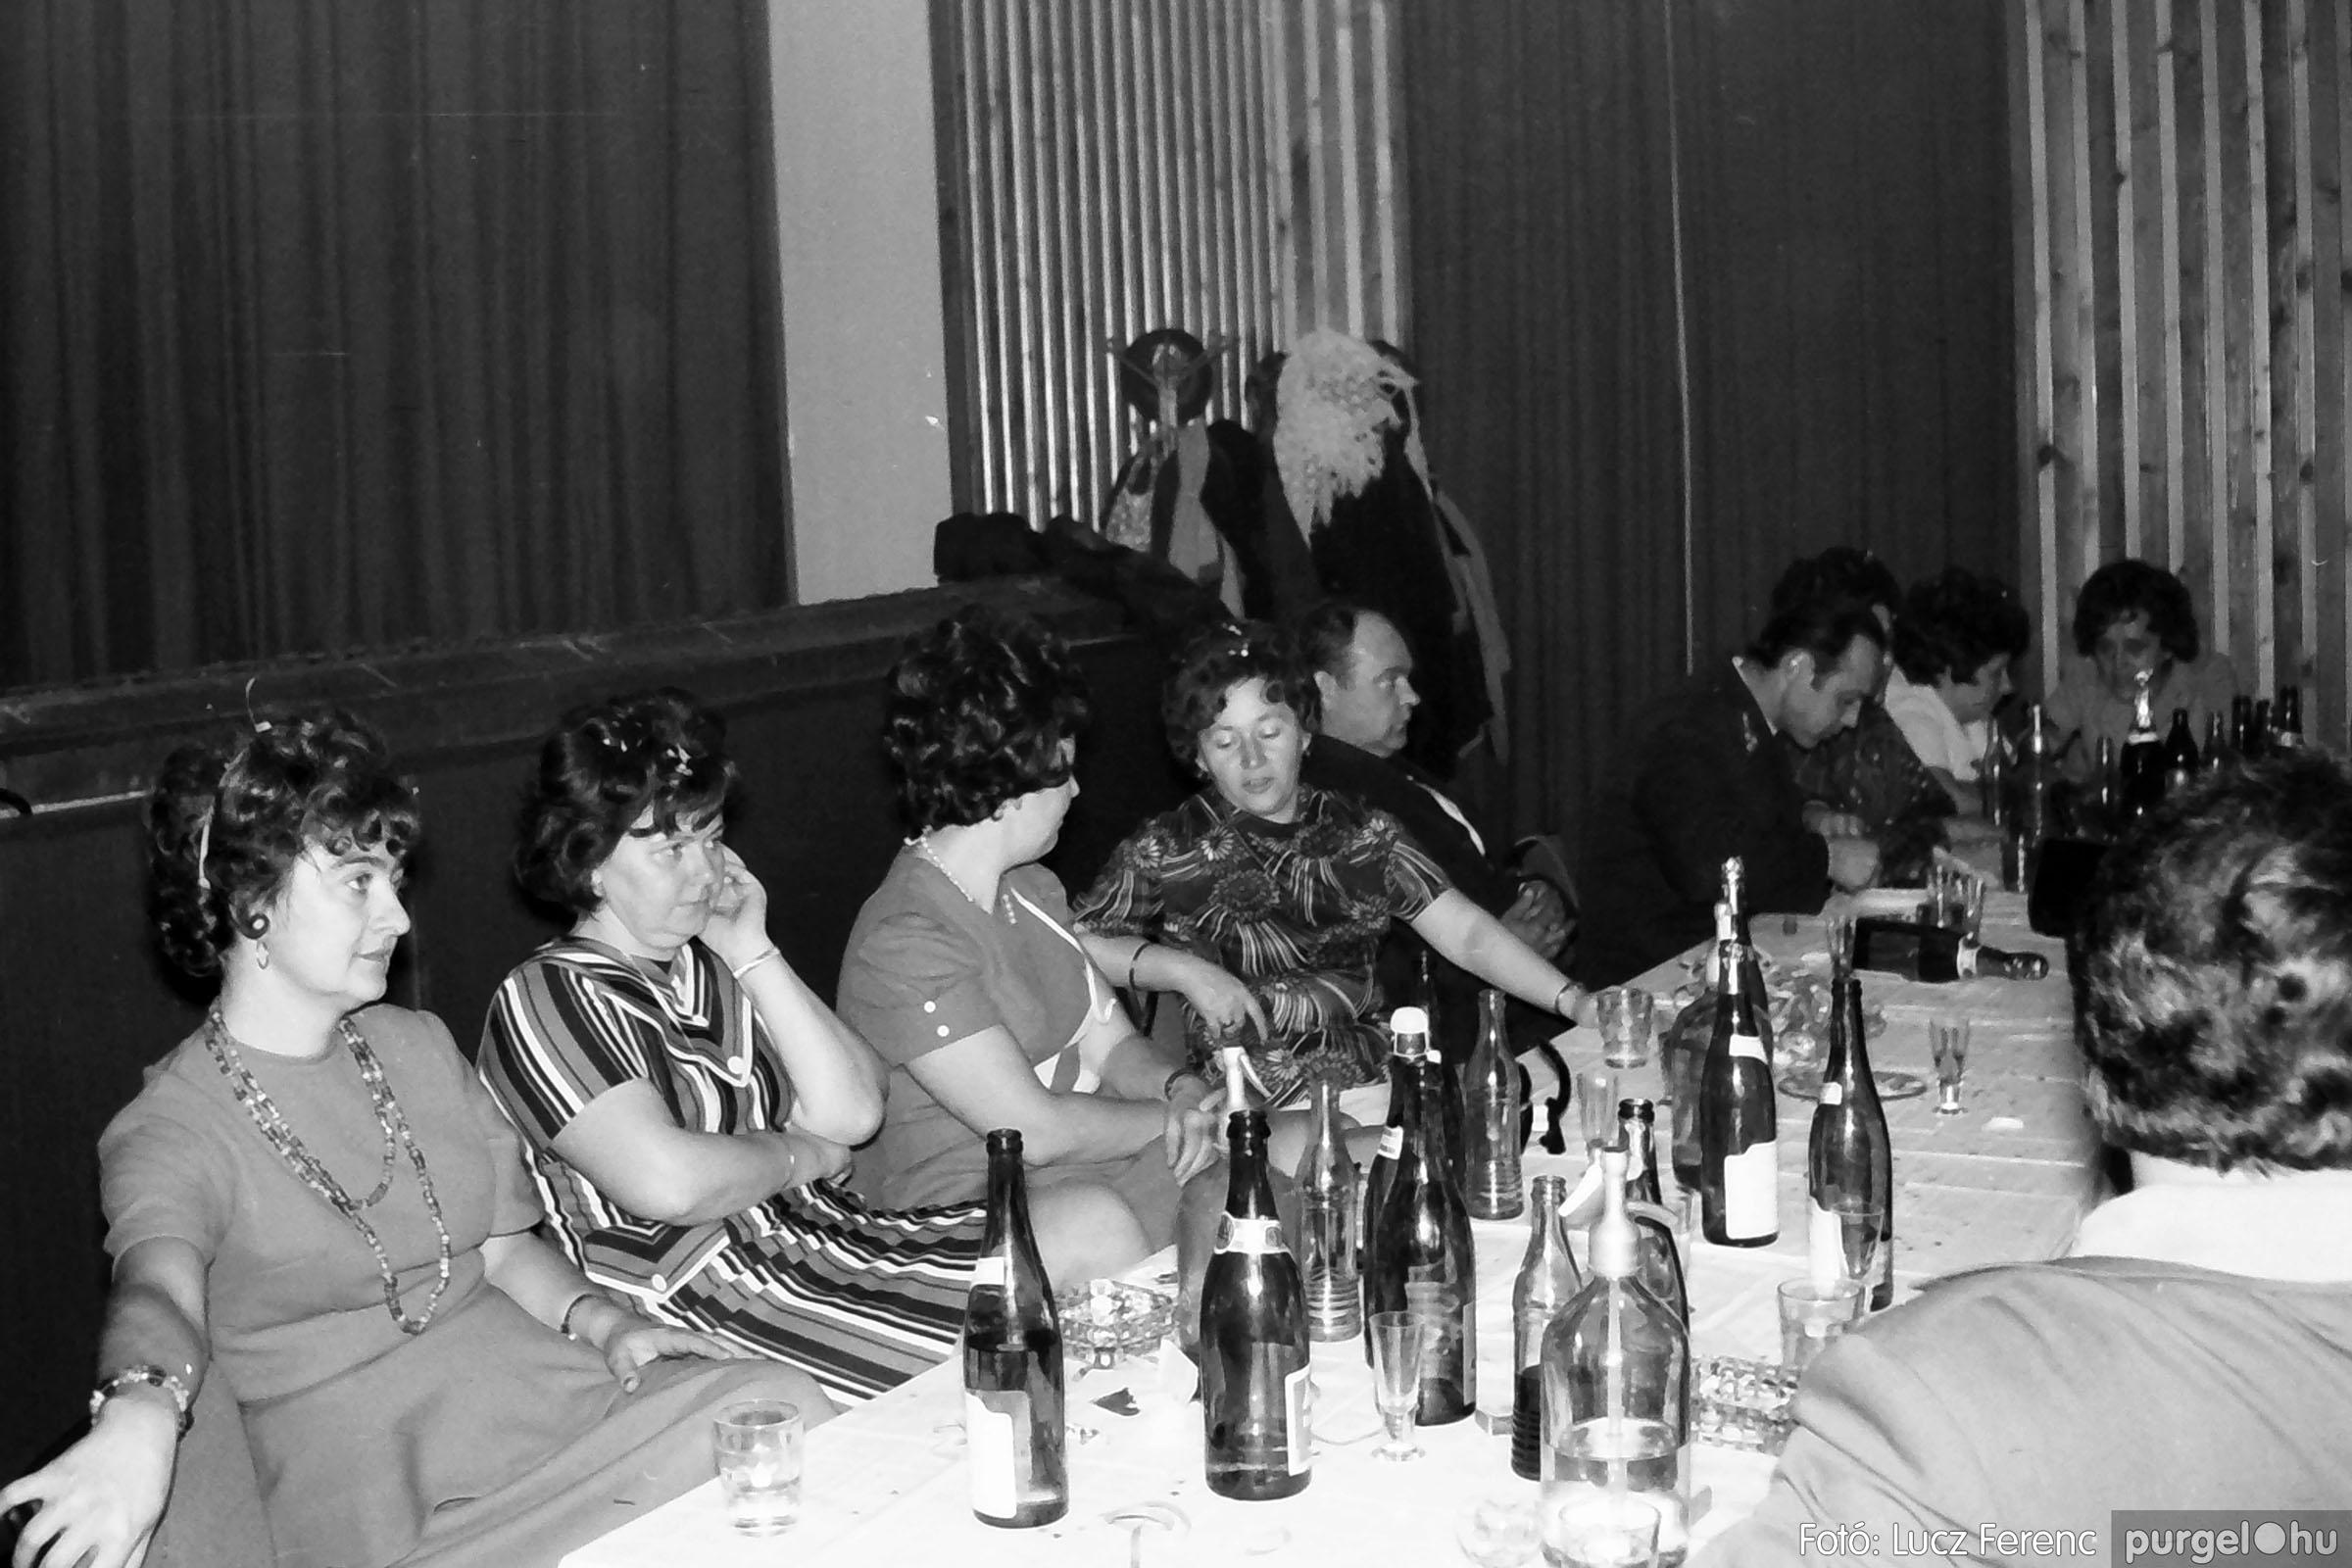 030. 1975.12.31. Szilveszter a kultúrházban 018 - Fotó: Lucz Ferenc.jpg